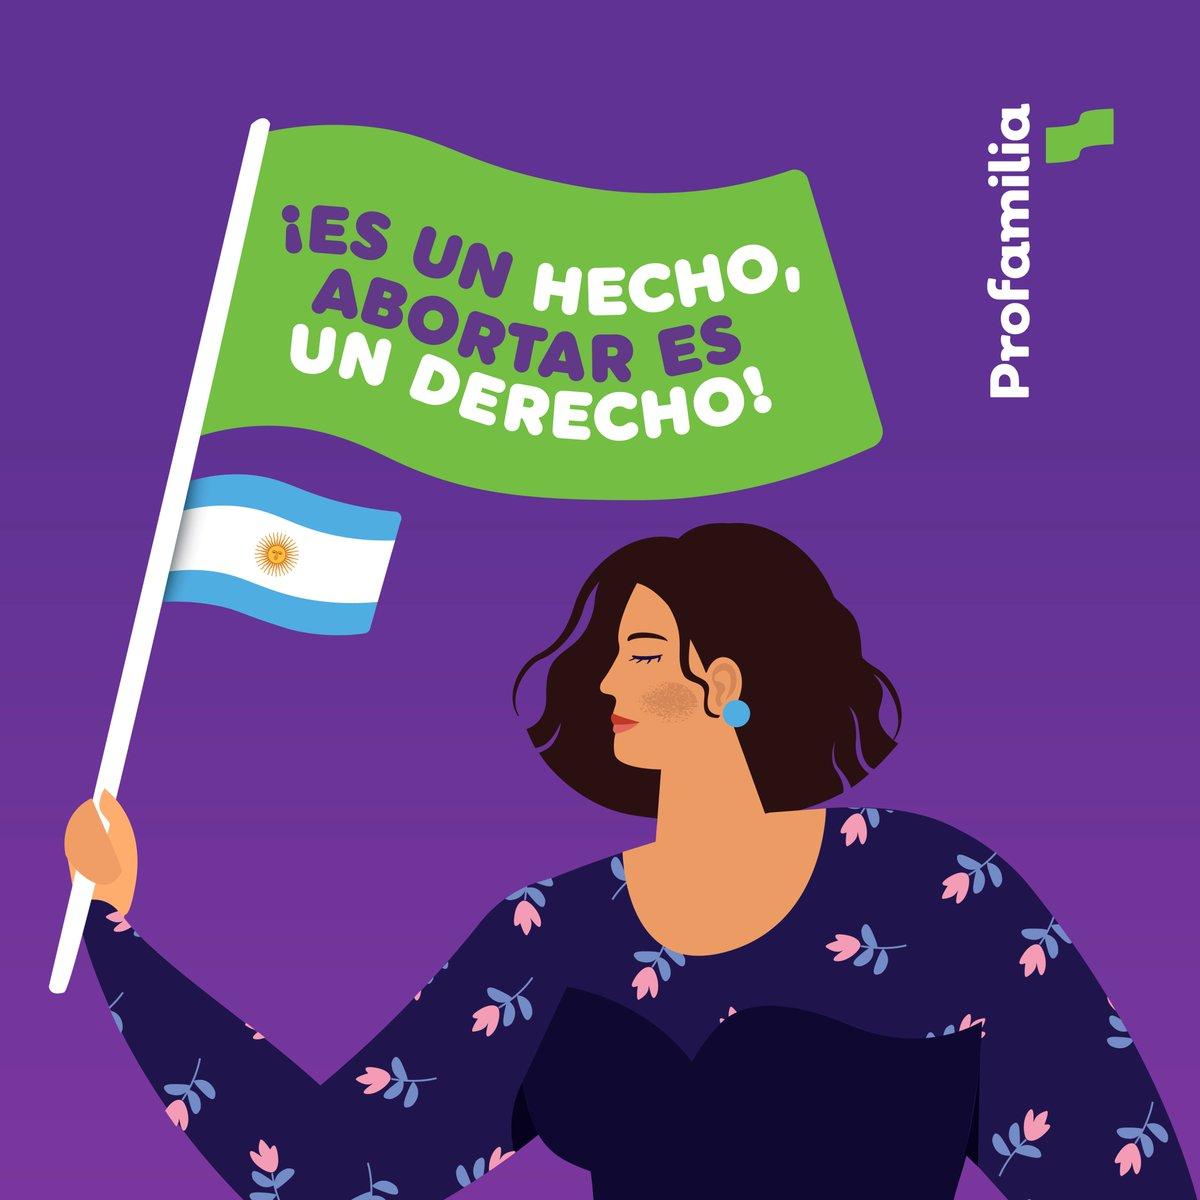 ¡Es ley! Celebramos el paso histórico que dio Argentina en la garantía de los Derechos Sexuales y Derechos Reproductivos. Que la lucha de las mujeres sirva de inspiración para la región.💚  #LaDecisiónEsTuya #EsLey #AbortoLegal2020